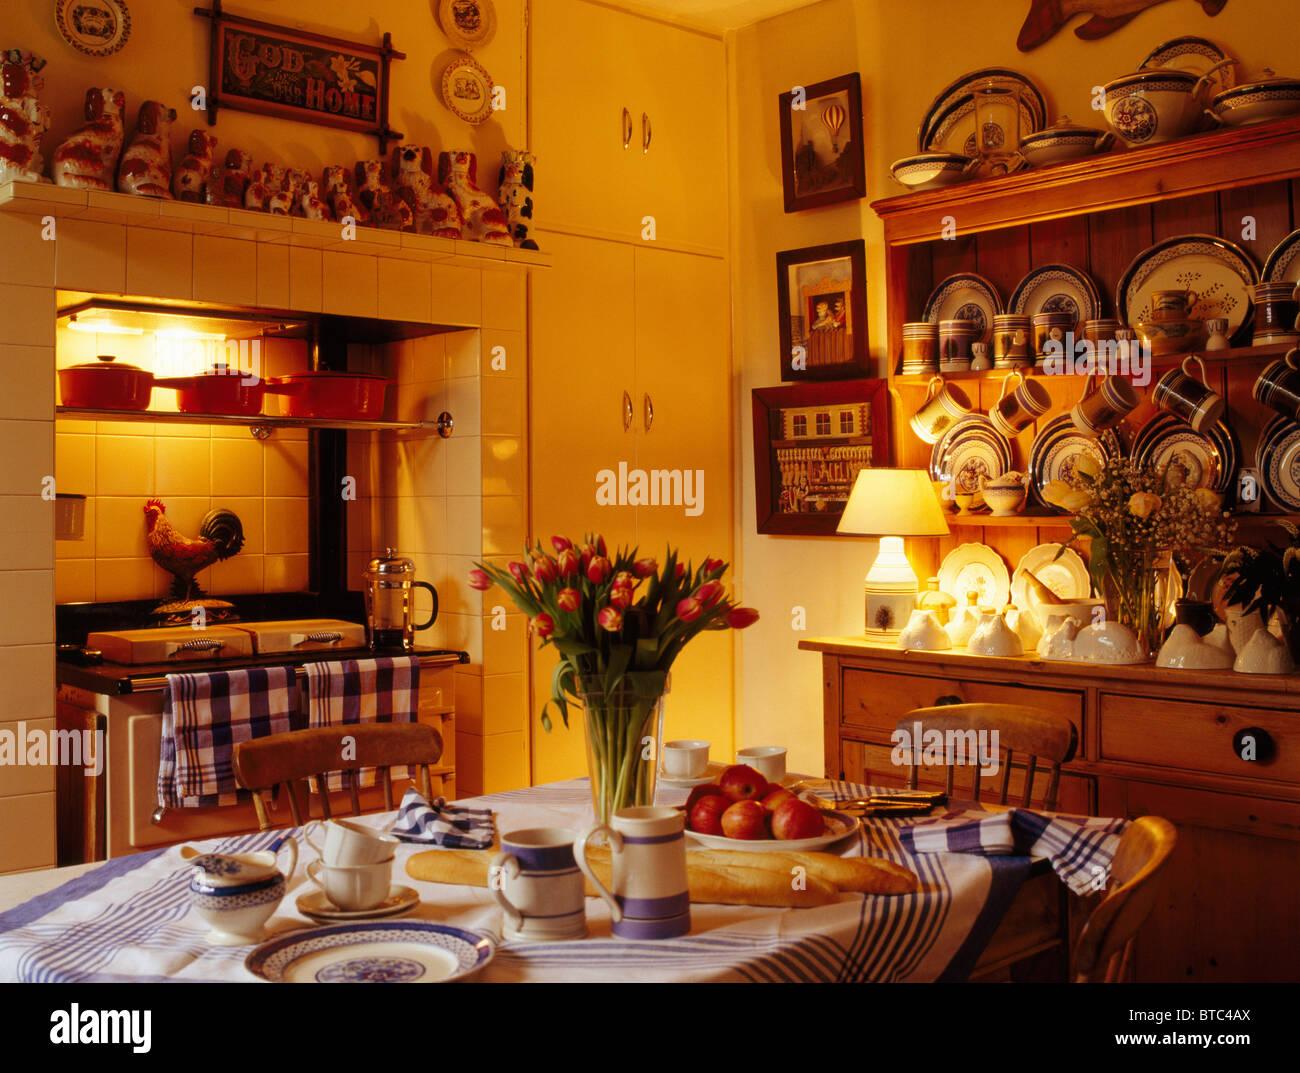 Fantastisch Bauernküche Leuchten Bilder - Ideen Für Die Küche ...